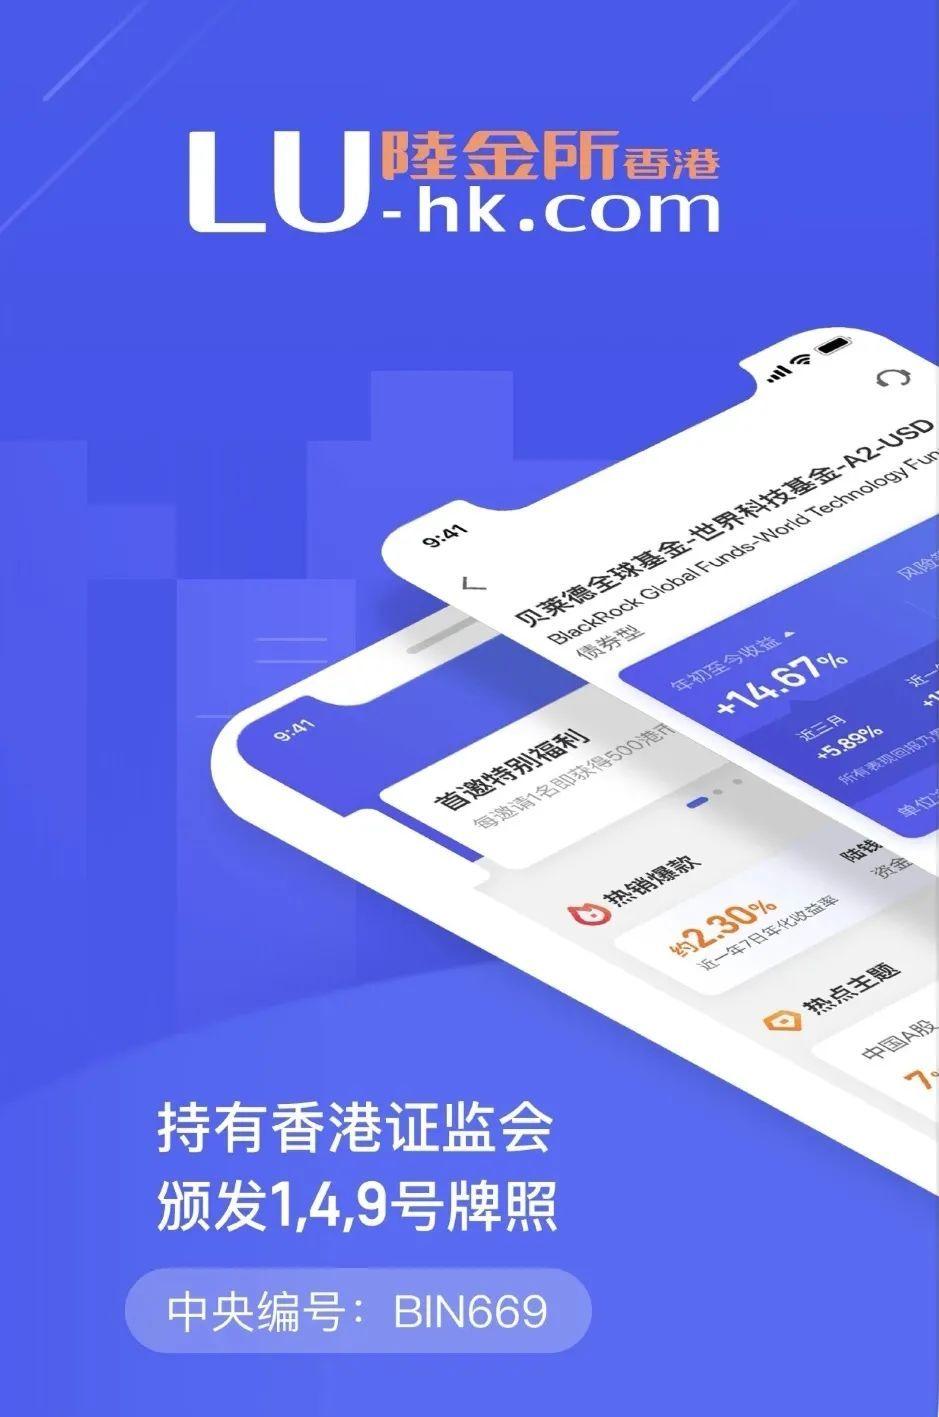 陆金所境外布局再添一子,为香港居民提供全线上智能综合财富管理服务